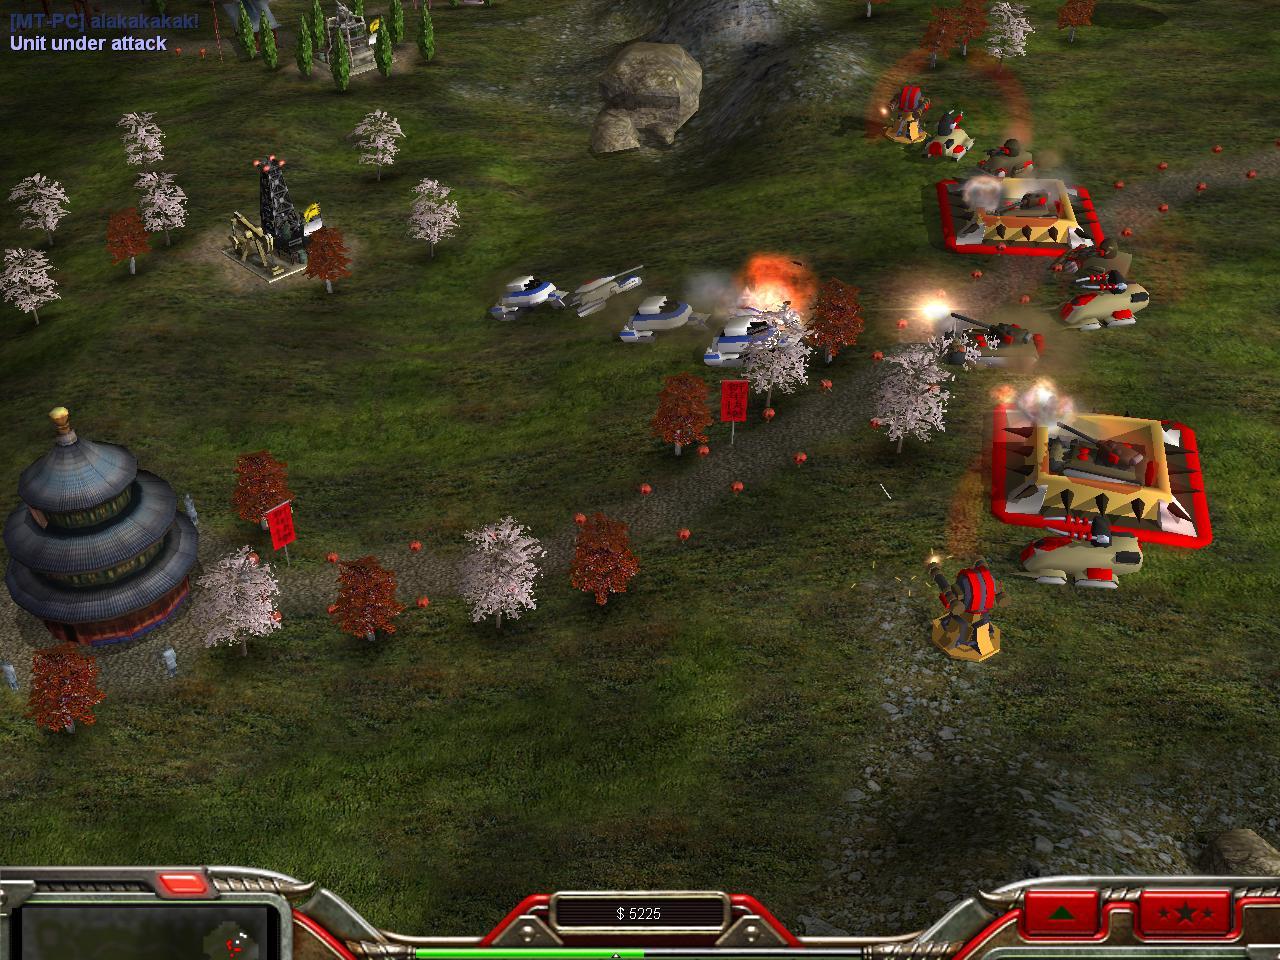 game2b.jpg